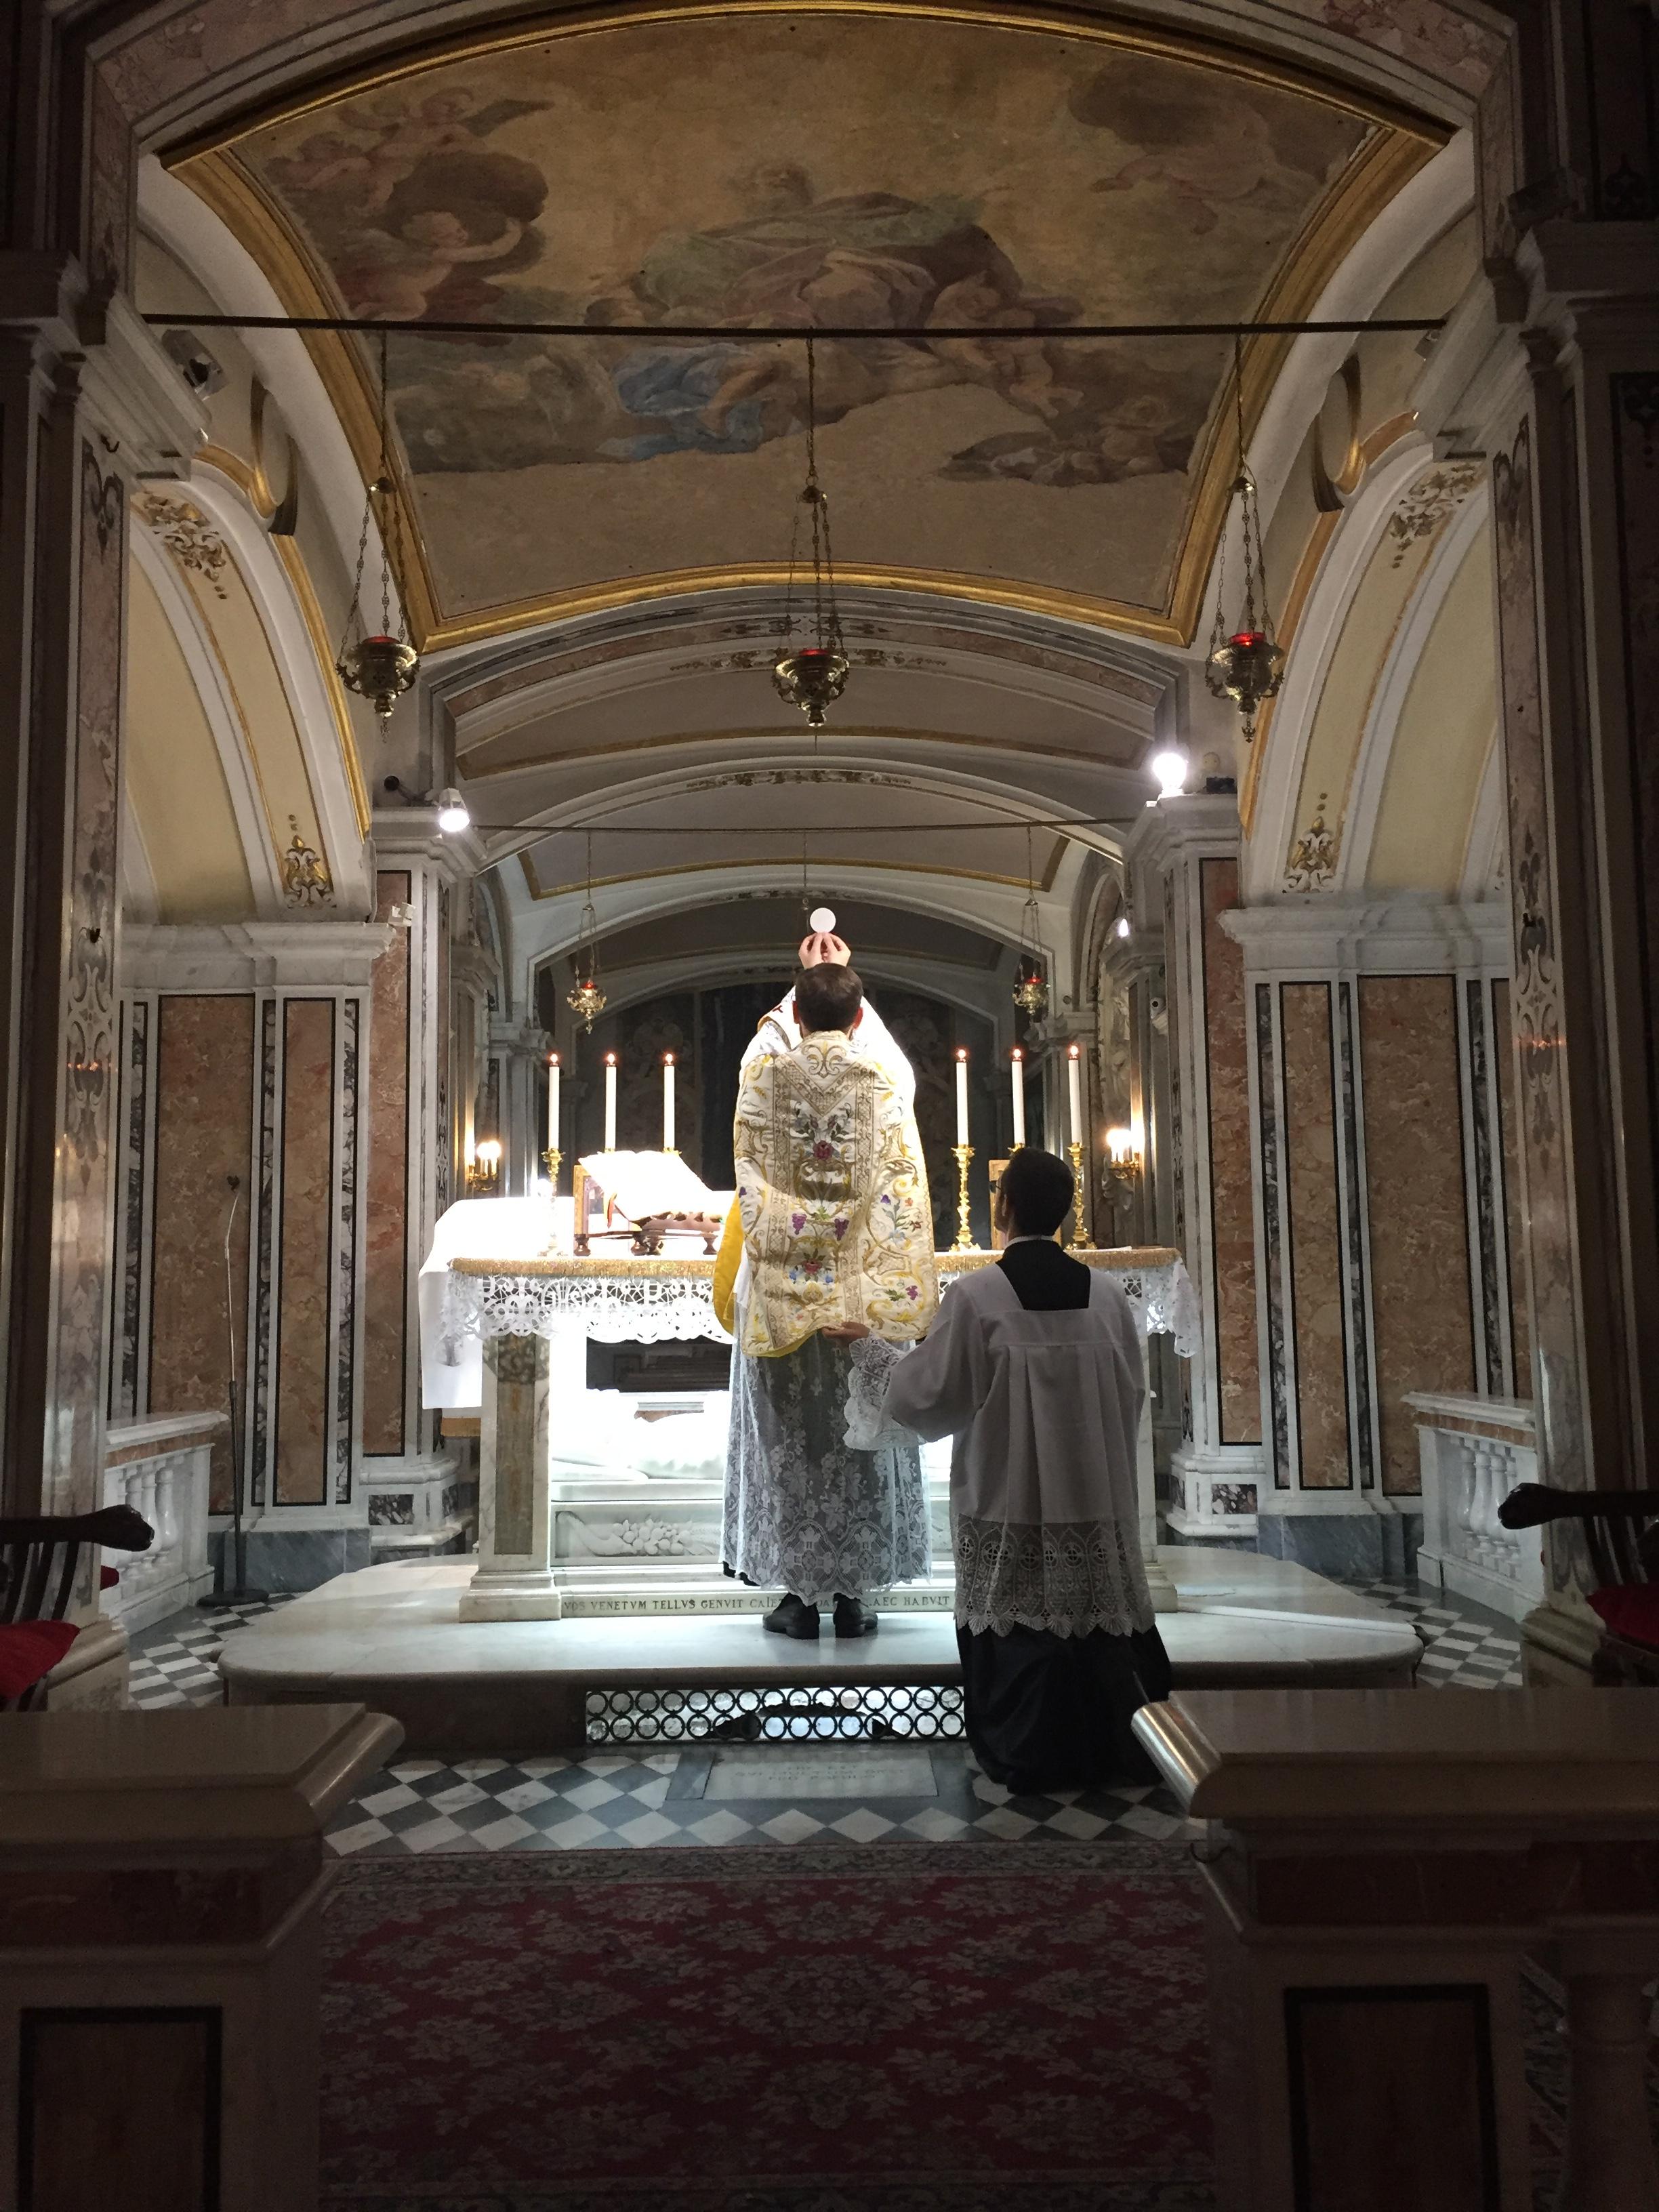 Rito Matrimonio Romano Antico : Napoli domenica novembre s messa cantata in rito